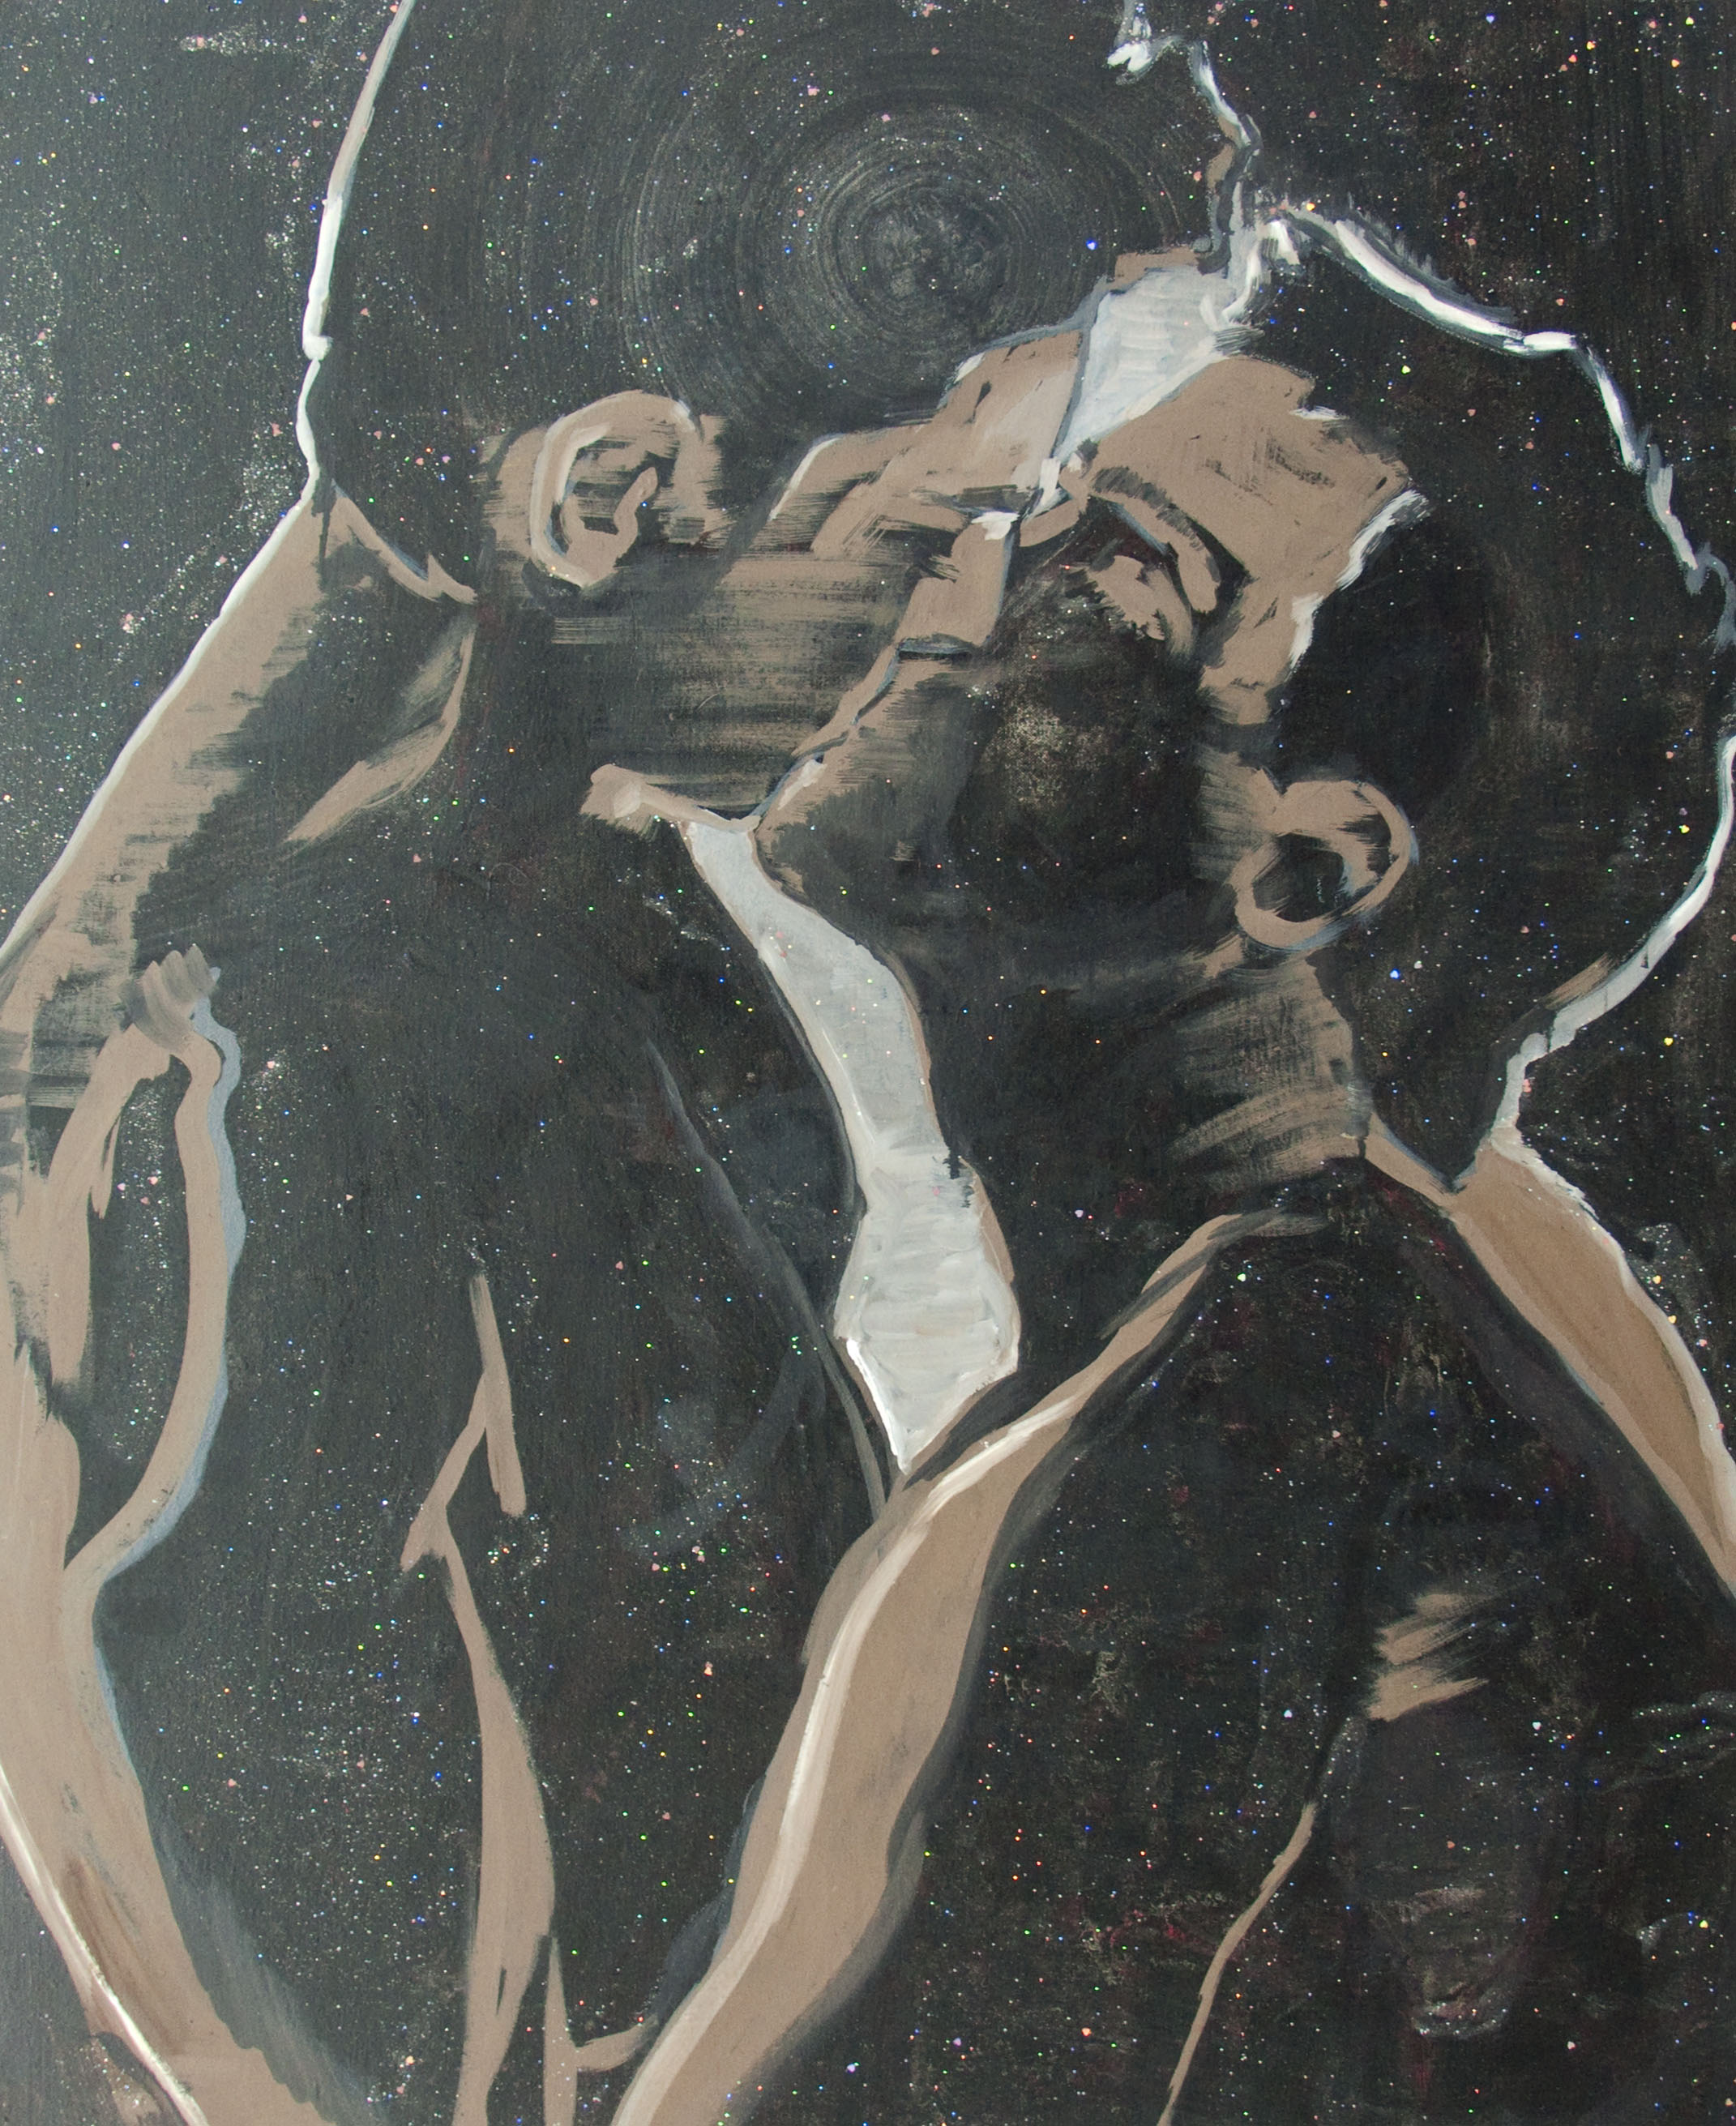 French Kissing, olej iakryl zbrokatem napłótnie, 100 x 80 cm, 2013